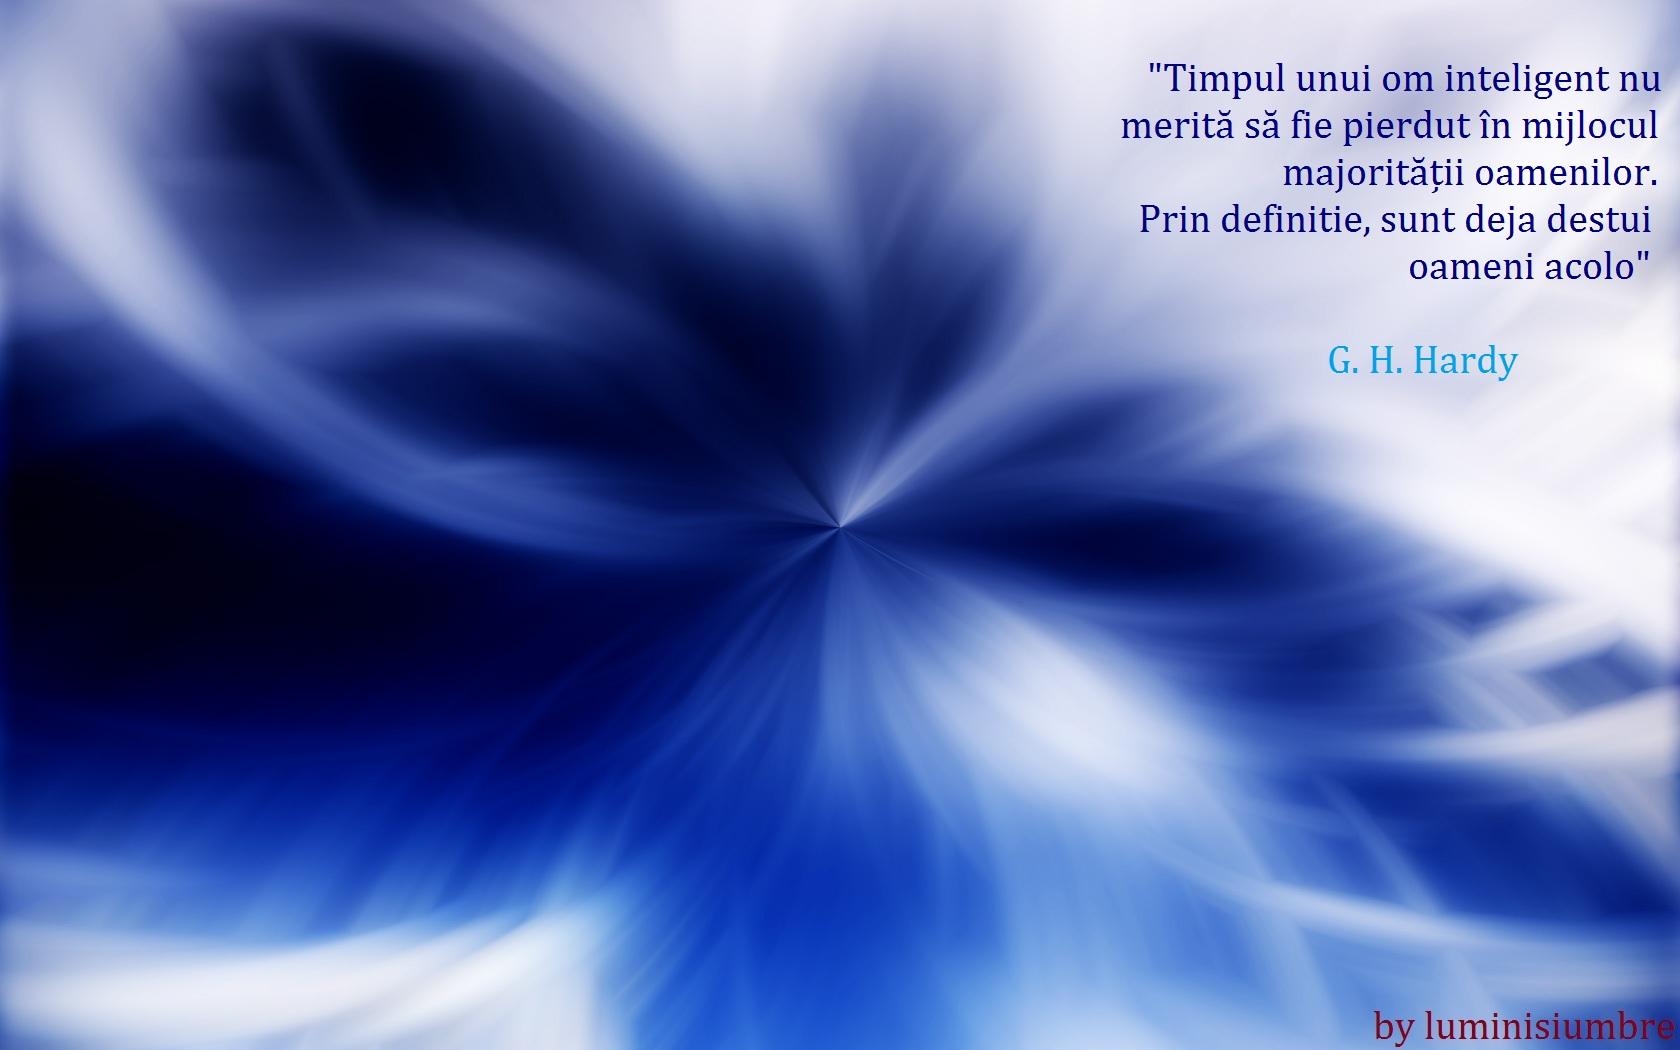 citate celebre despre medicina citate celebre | MIMI citate celebre despre medicina